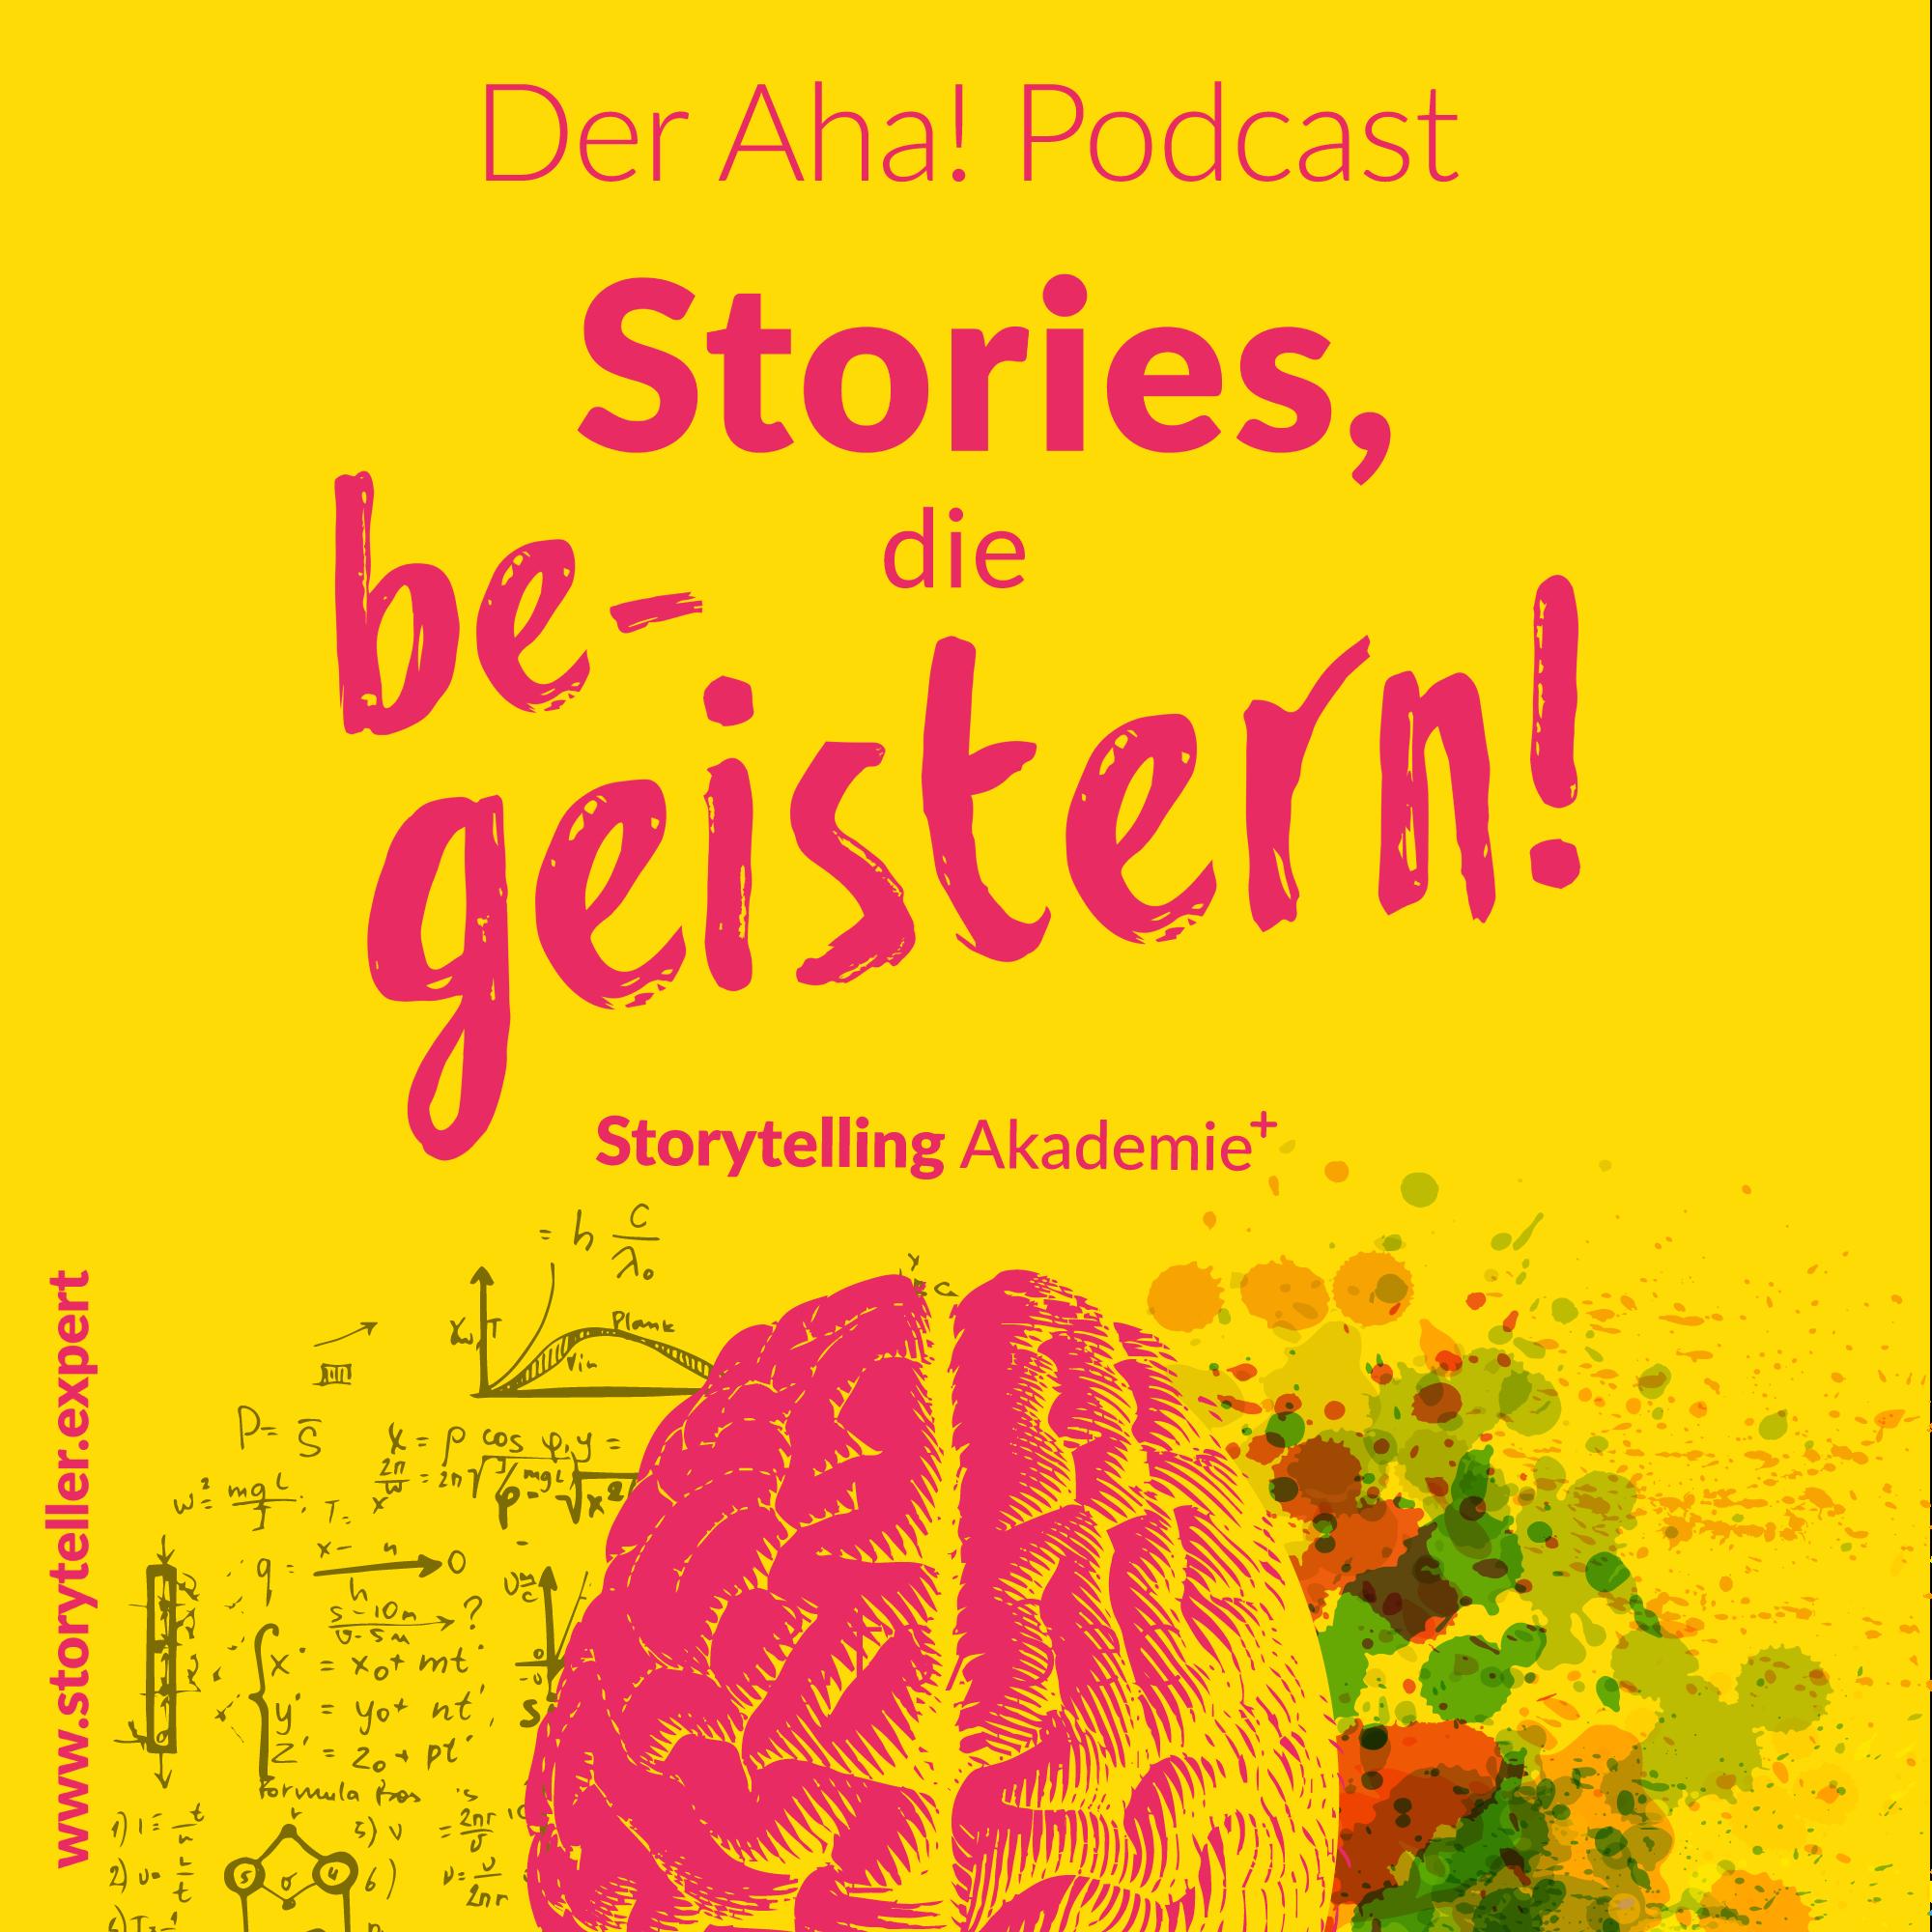 Stories, die begeistern!  show art